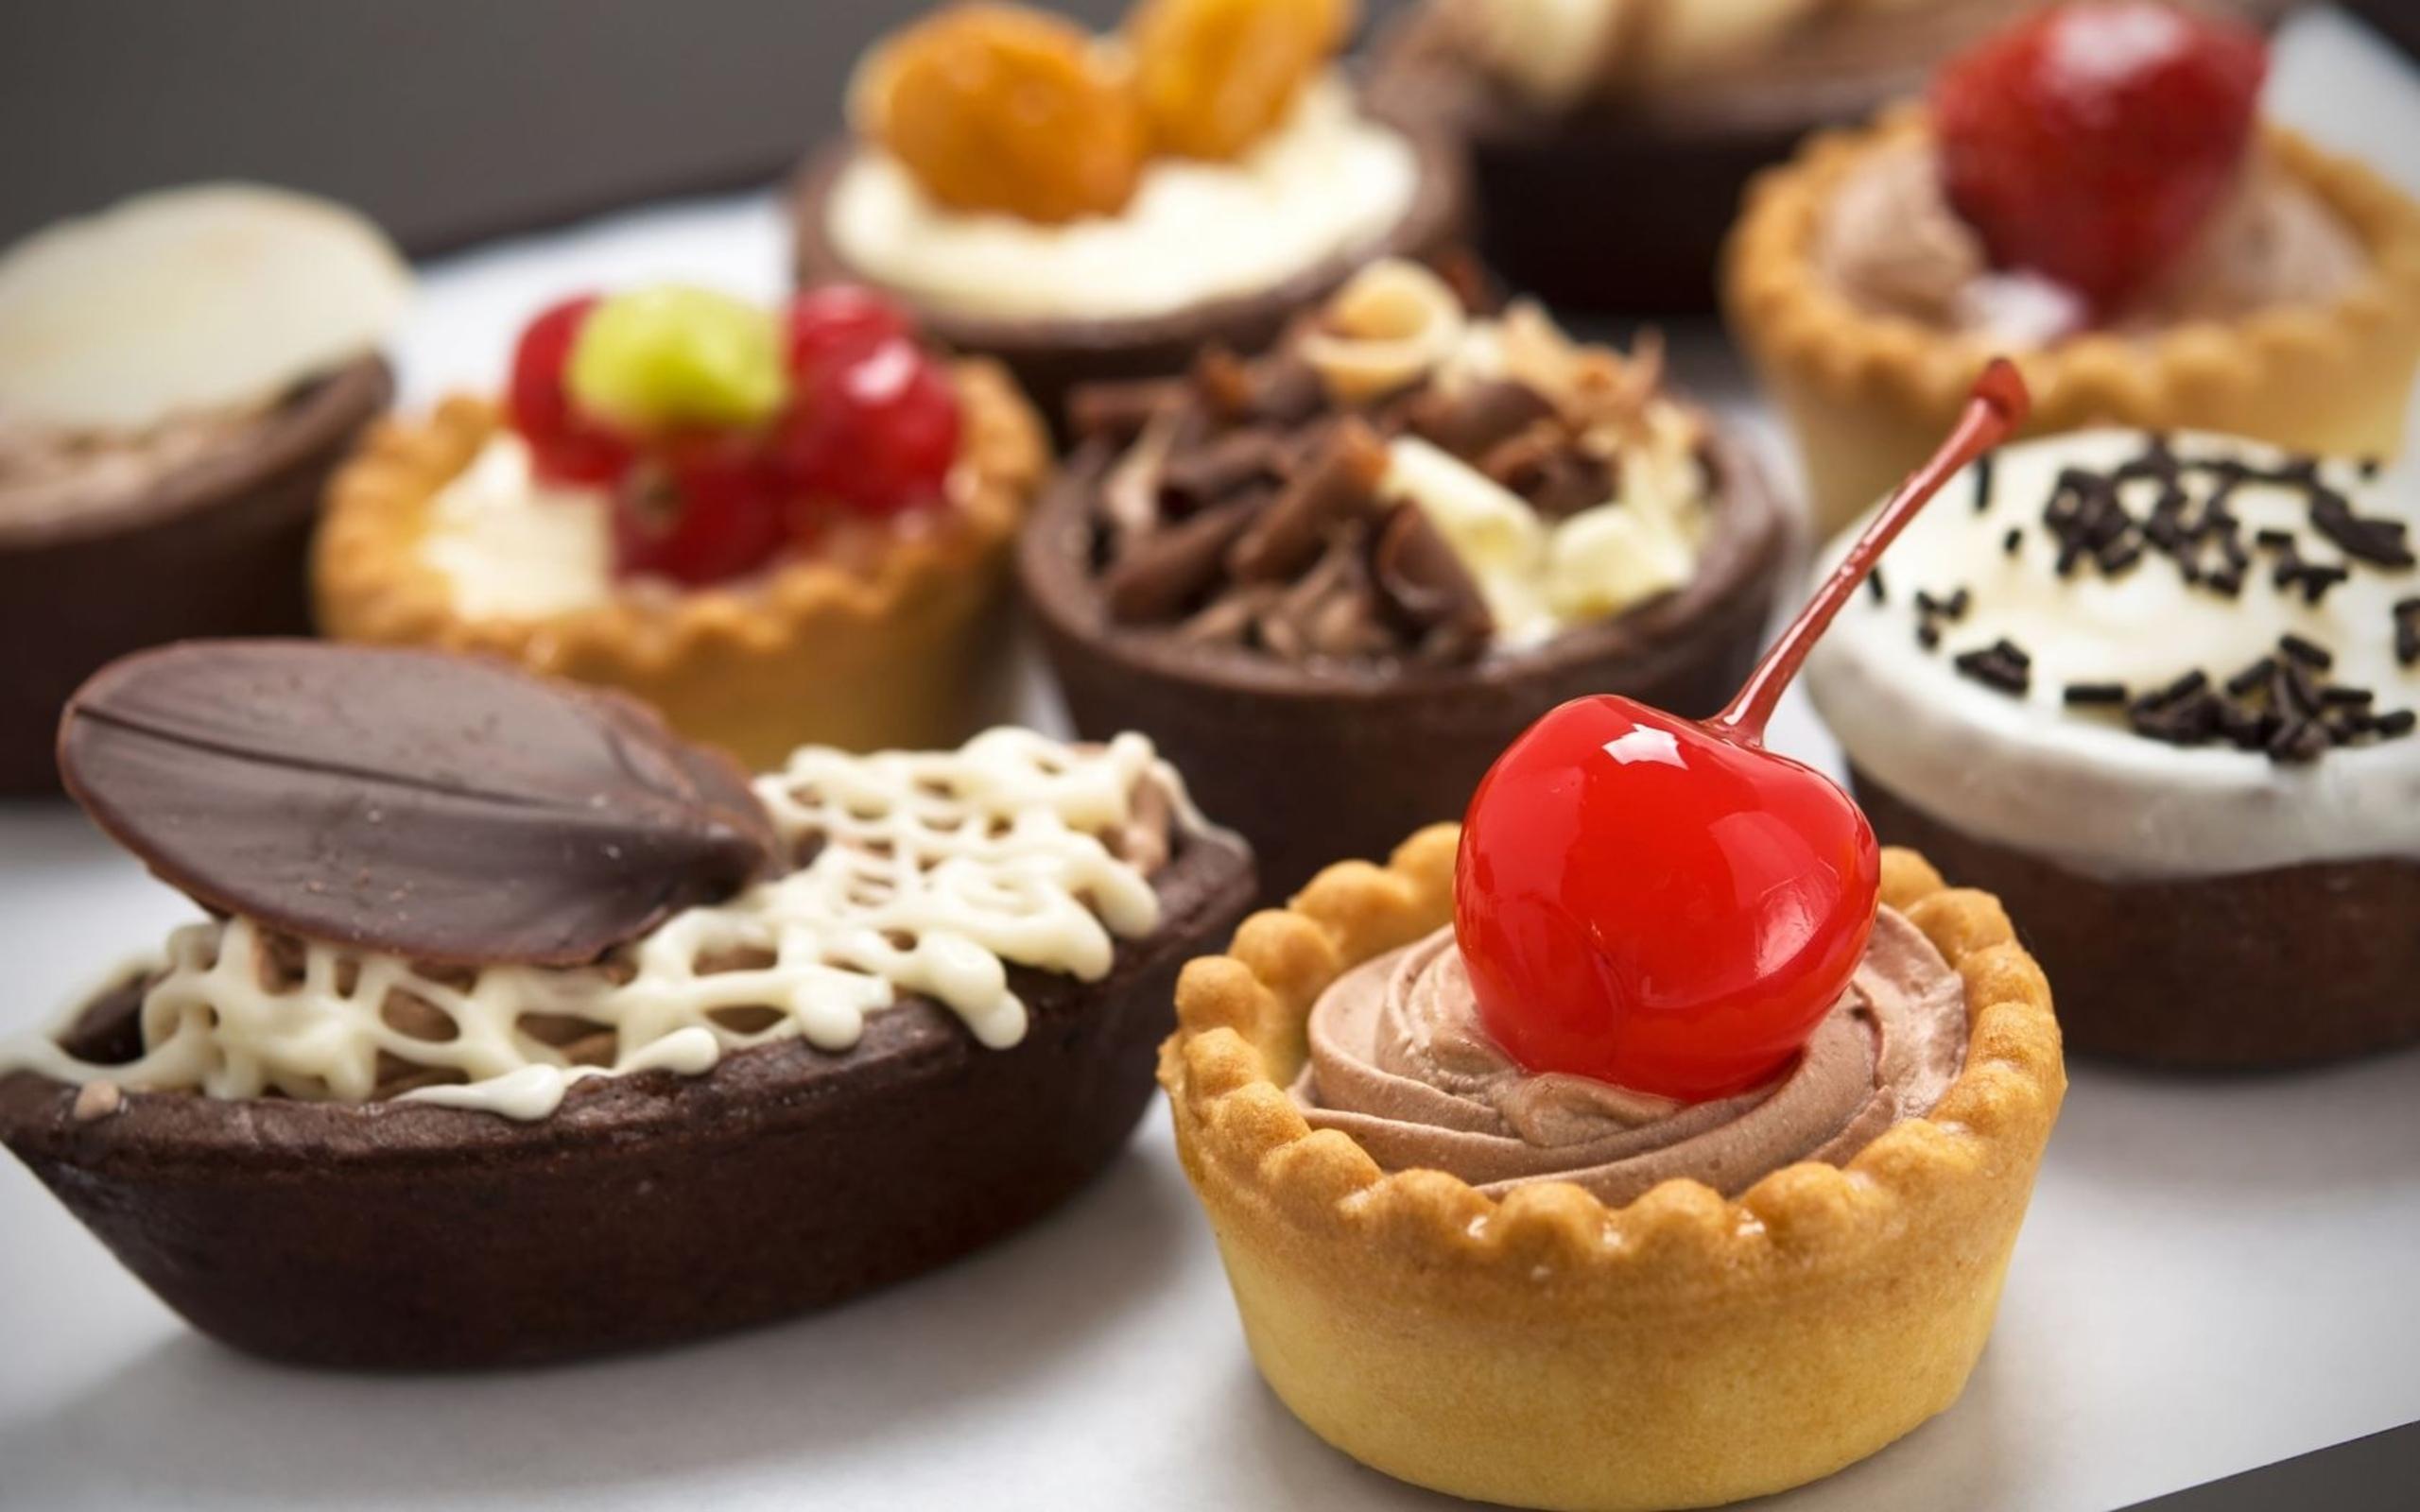 صوره صور حلويات , احلي صور لحلويات شهية ولذيذة